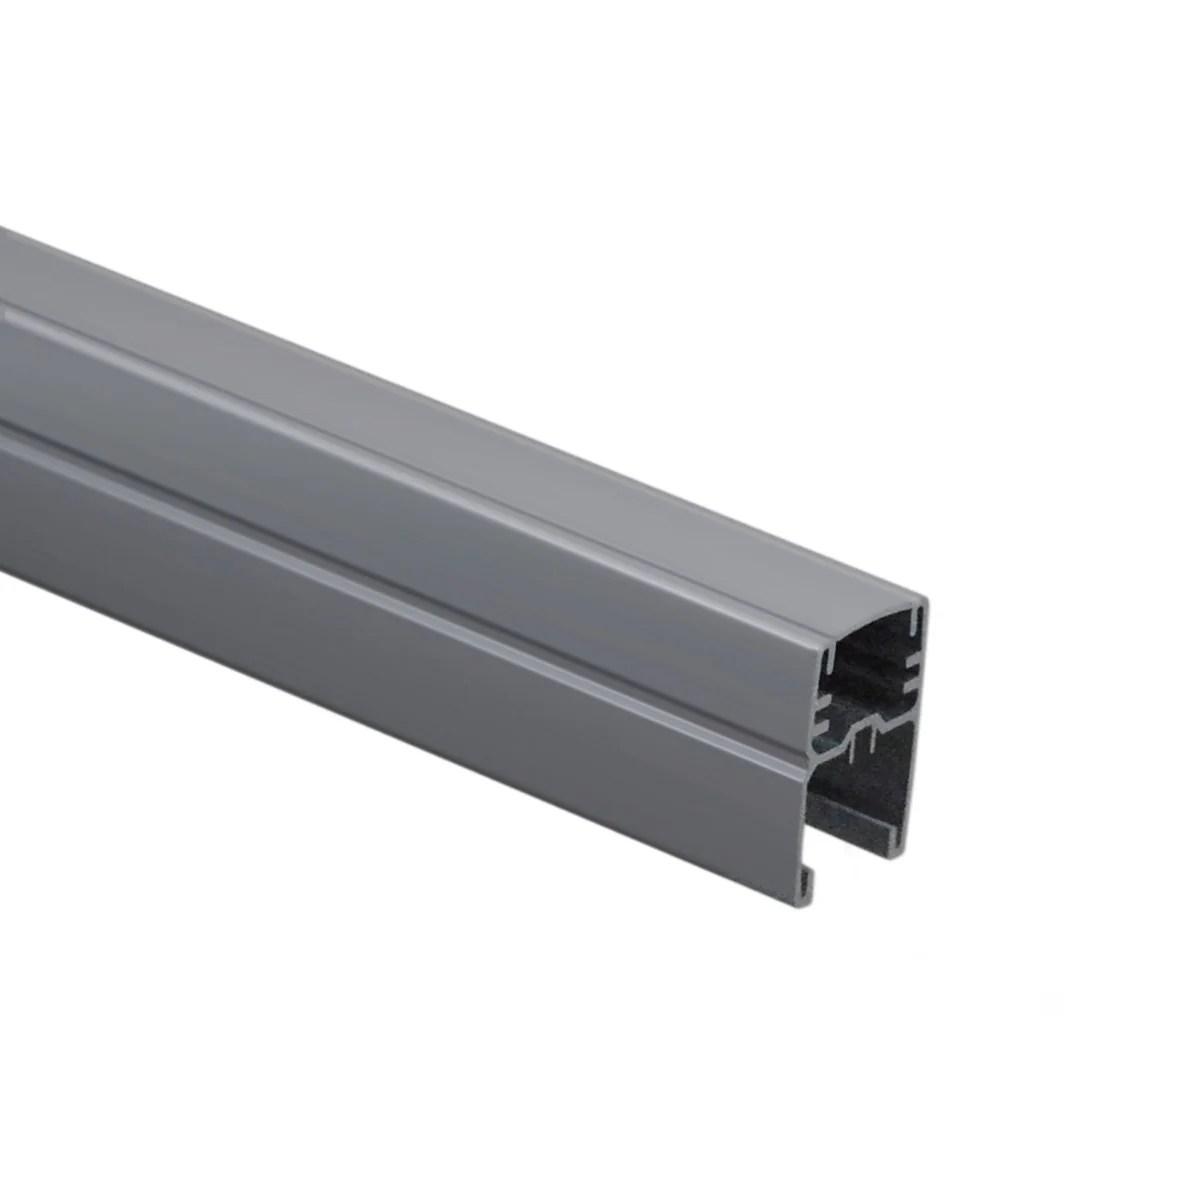 Profil De Finition Aluminium En U Gris Clair H 175 X L 44 X P 34 Mm Leroy Merlin